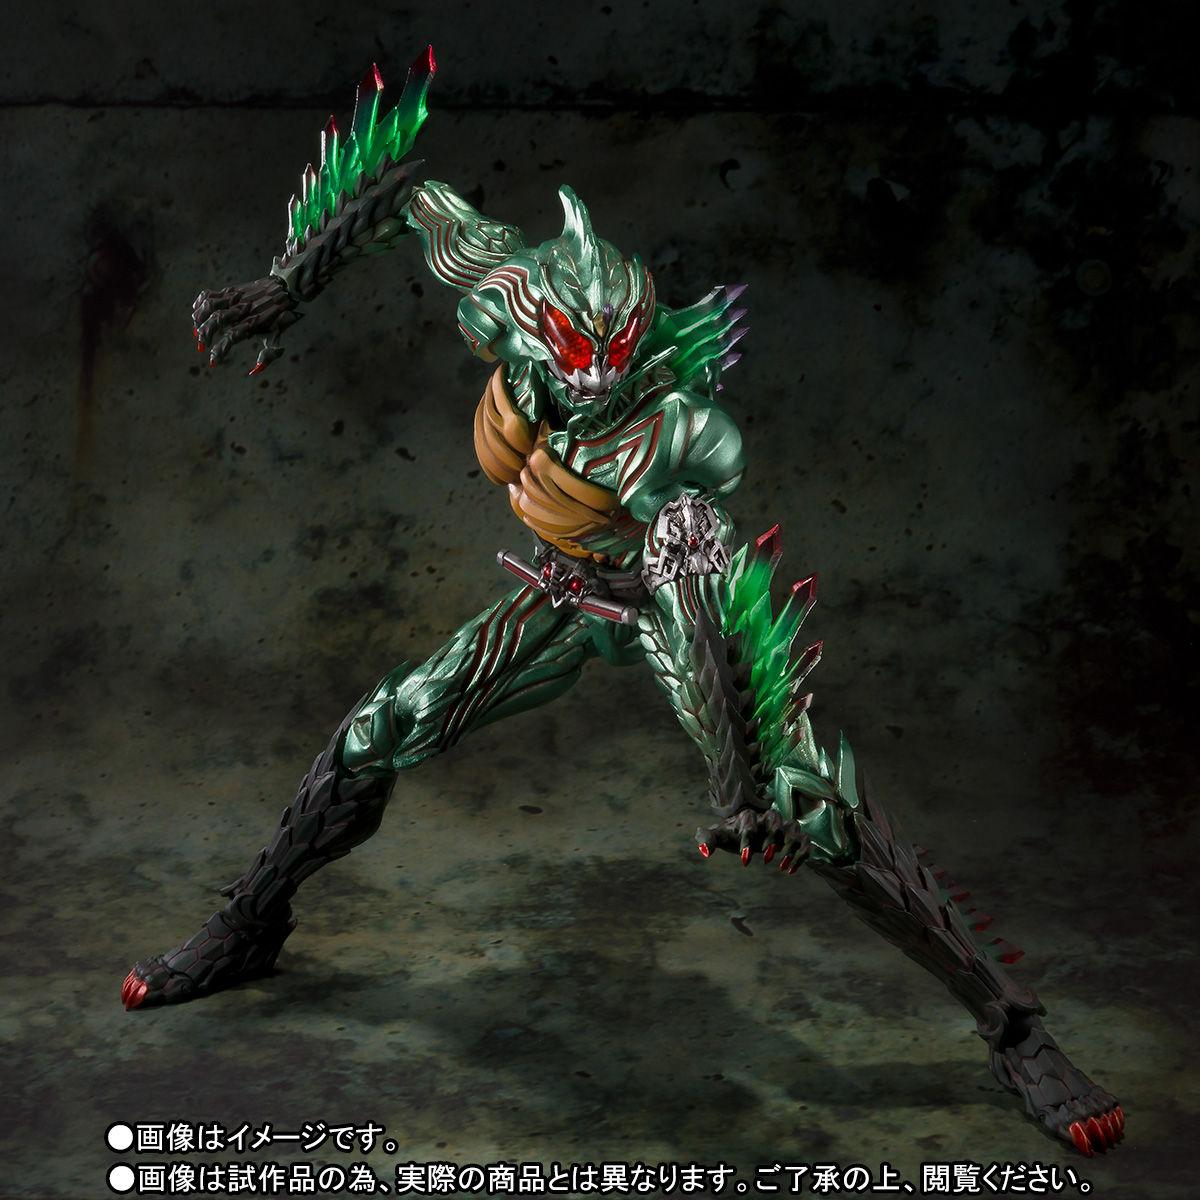 SIC Kamen Rider Amazon Omega